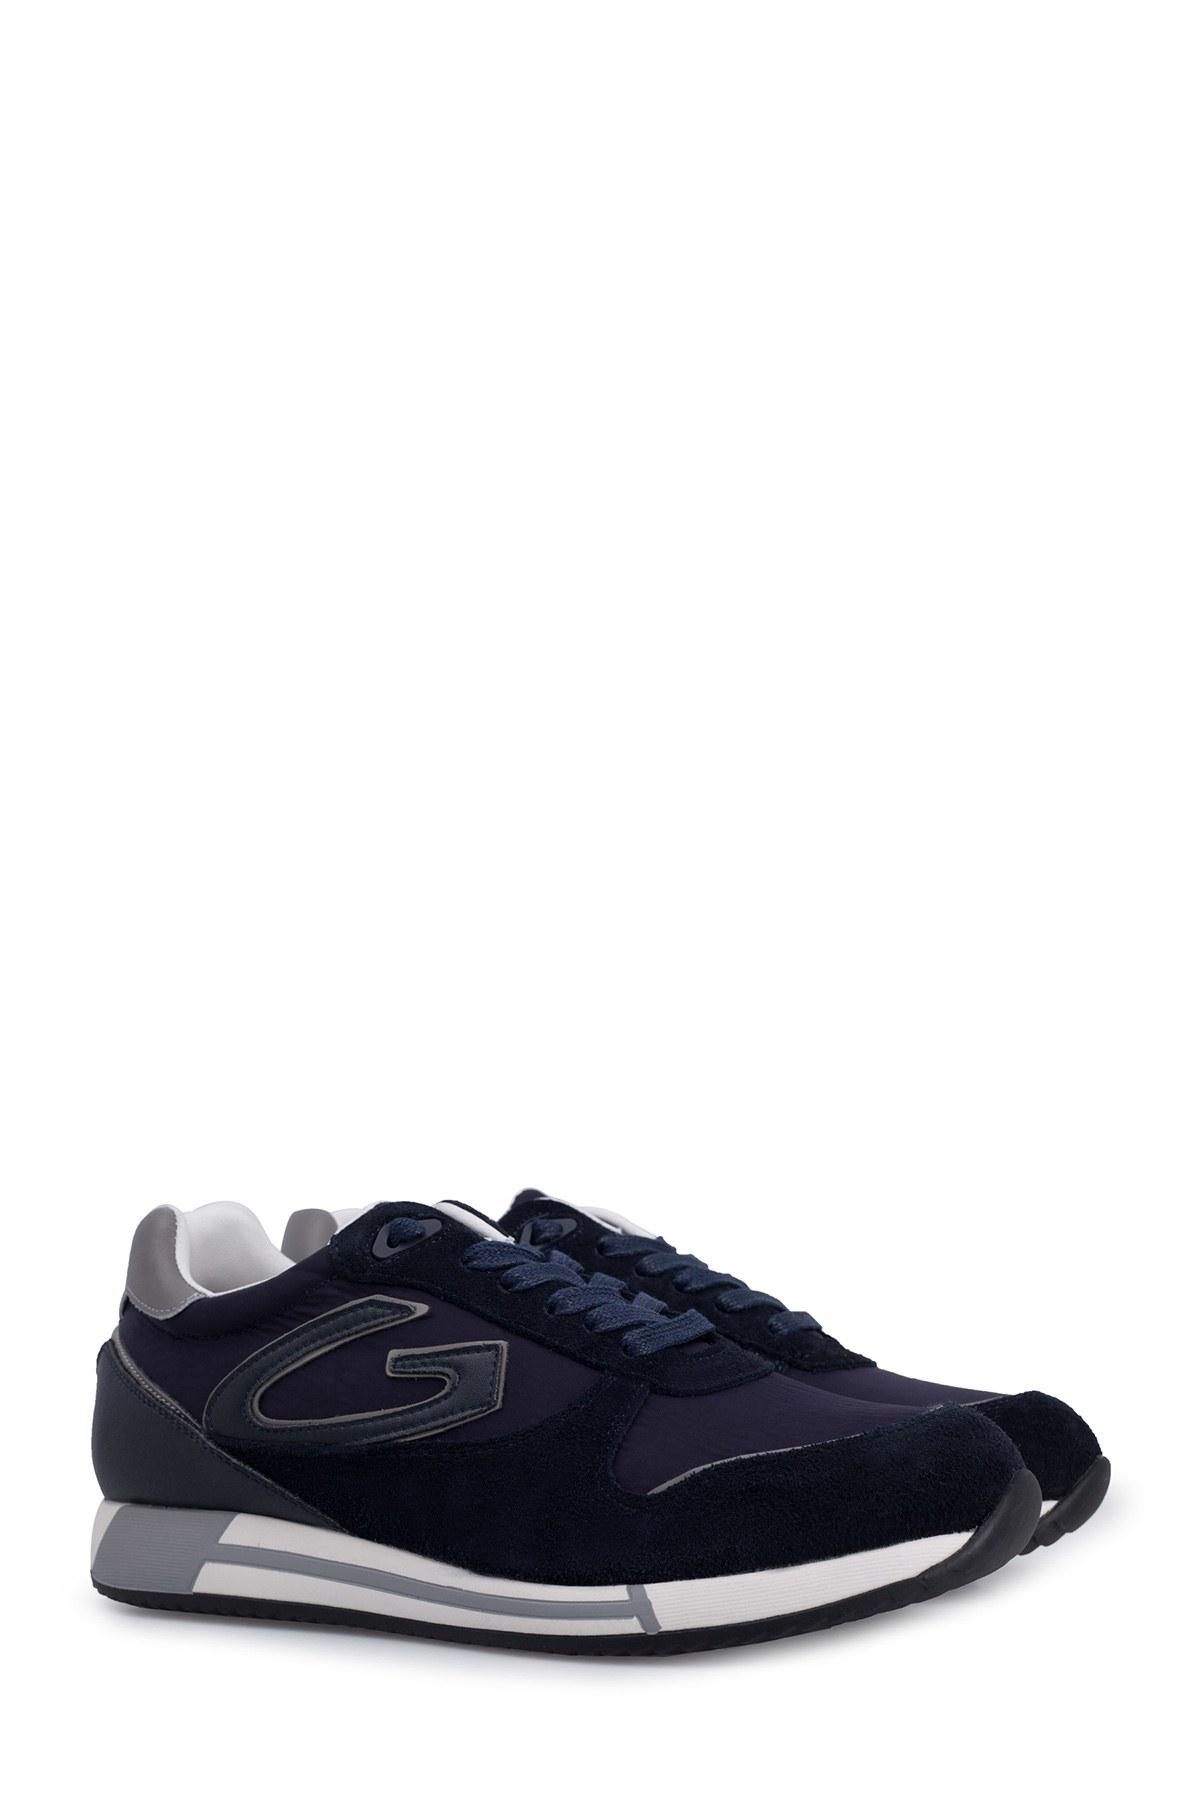 Alberto Guardiani Erkek Ayakkabı S AGU101013 LACİVERT